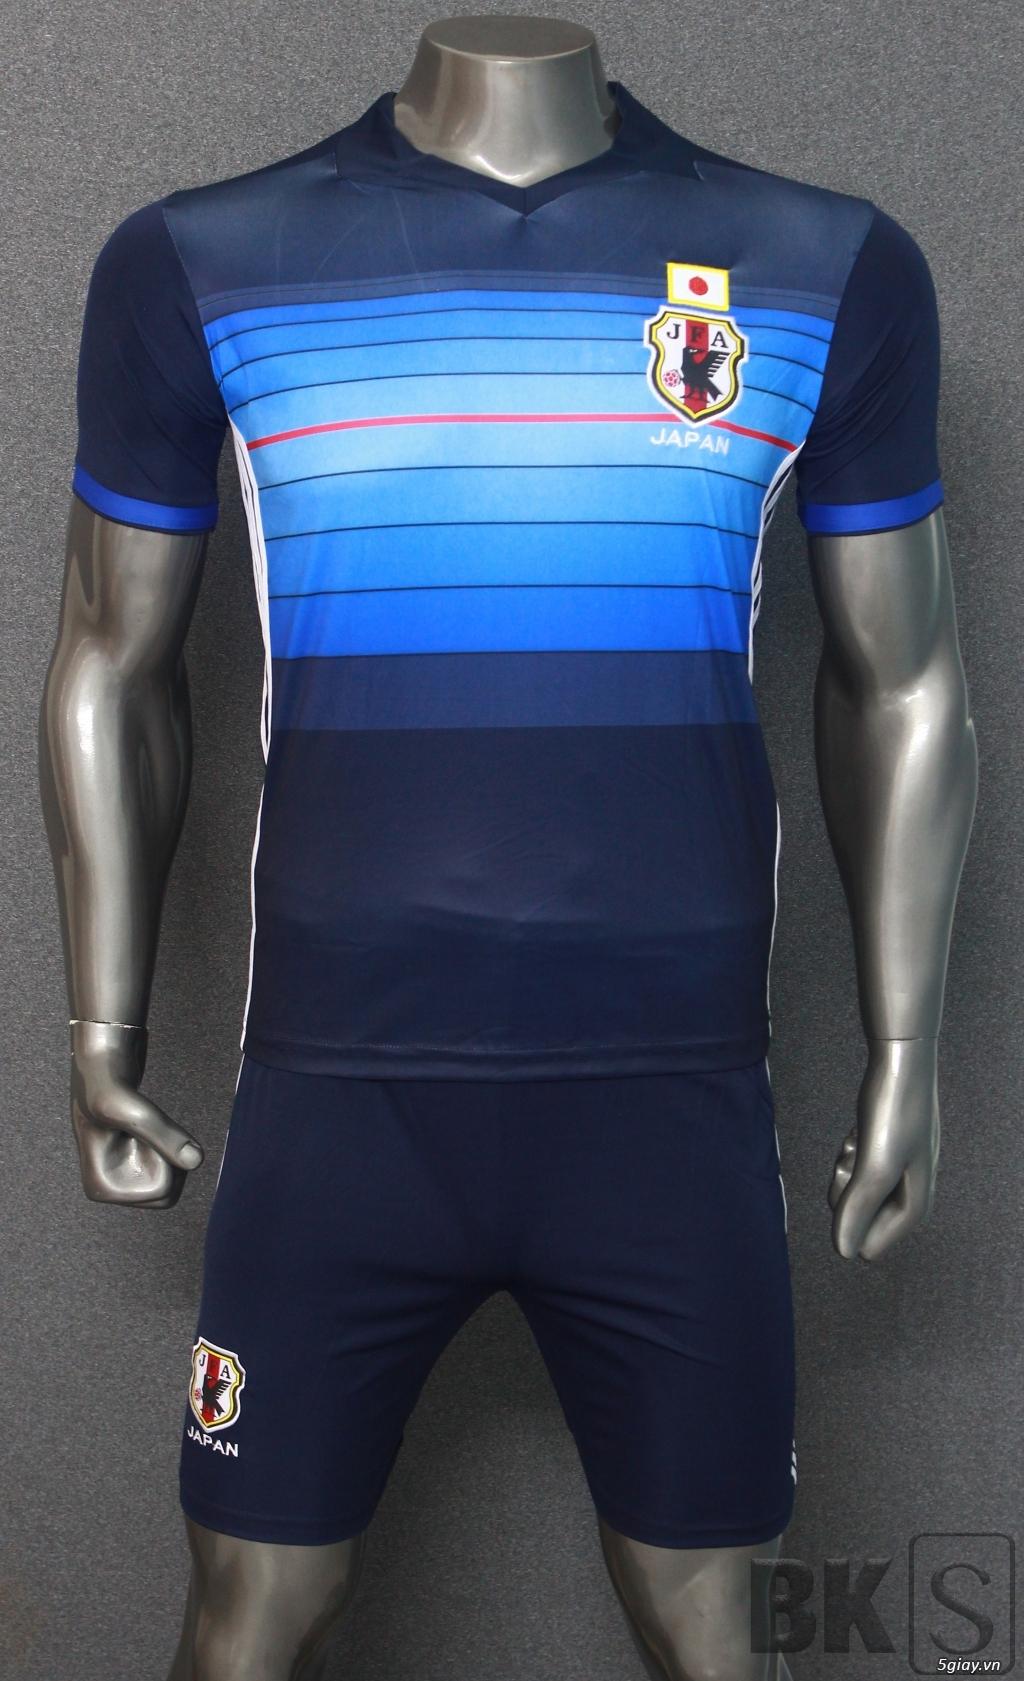 Áo bóng đá HP-địa chỉ gốc sản xuất trang phục thể thao số 1 Việt Nam